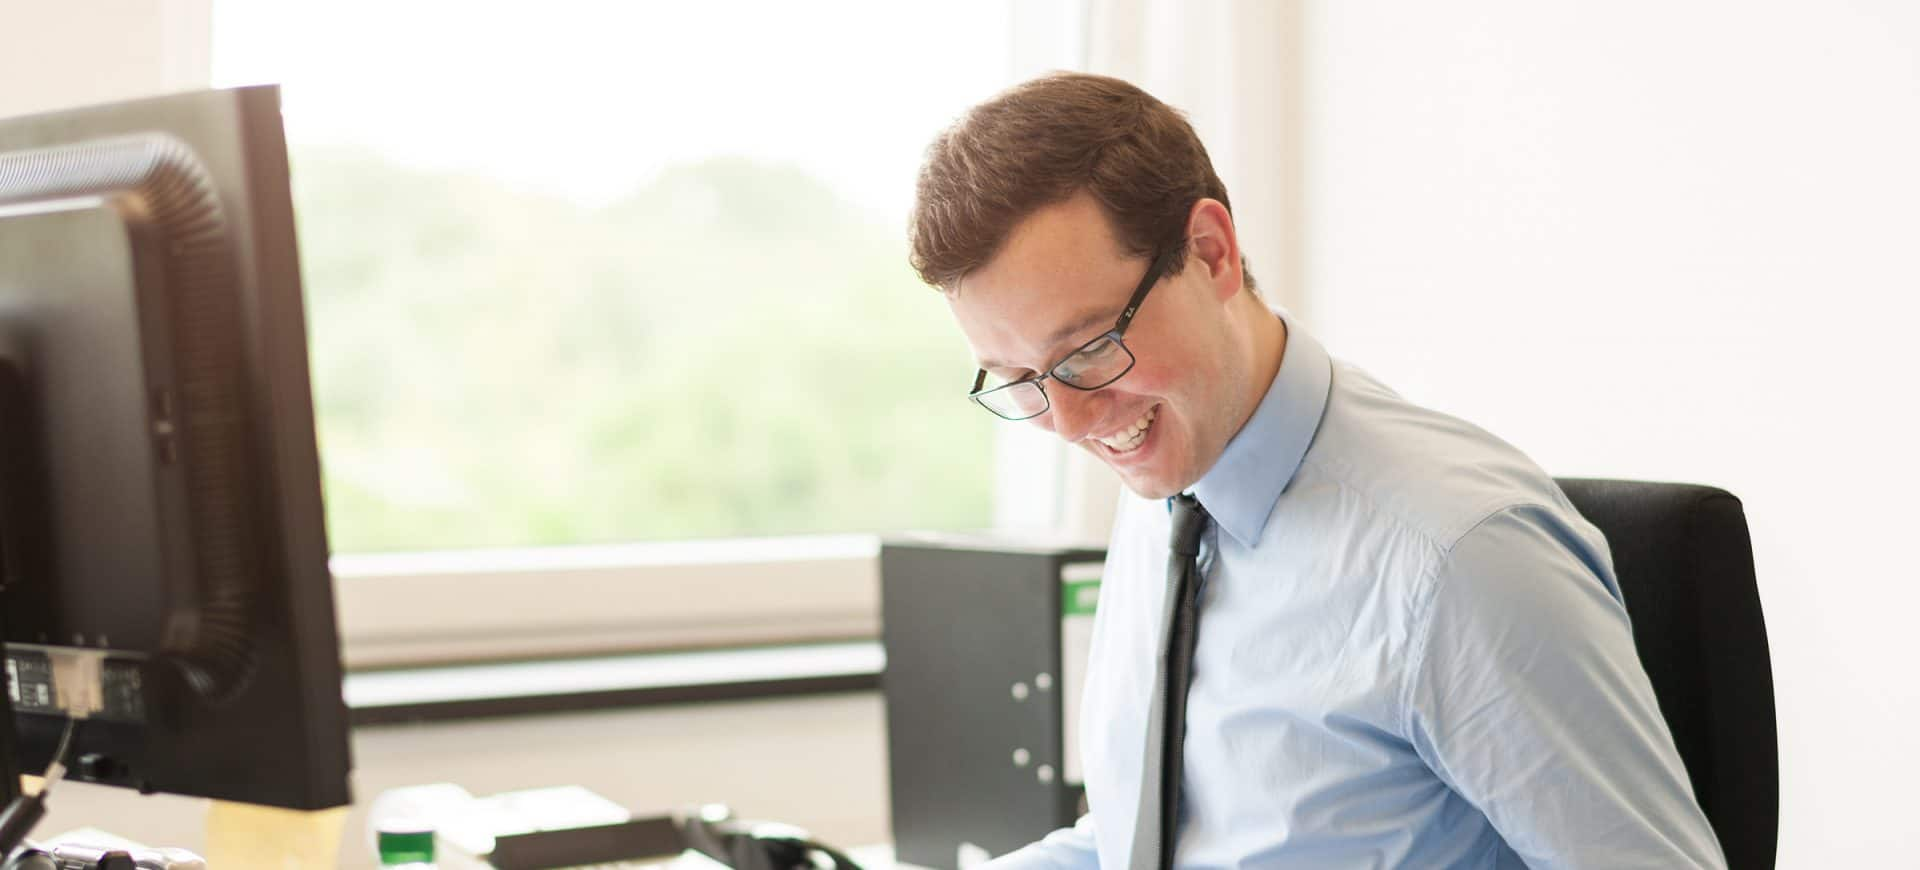 Mitarbeiter am Schreibtisch